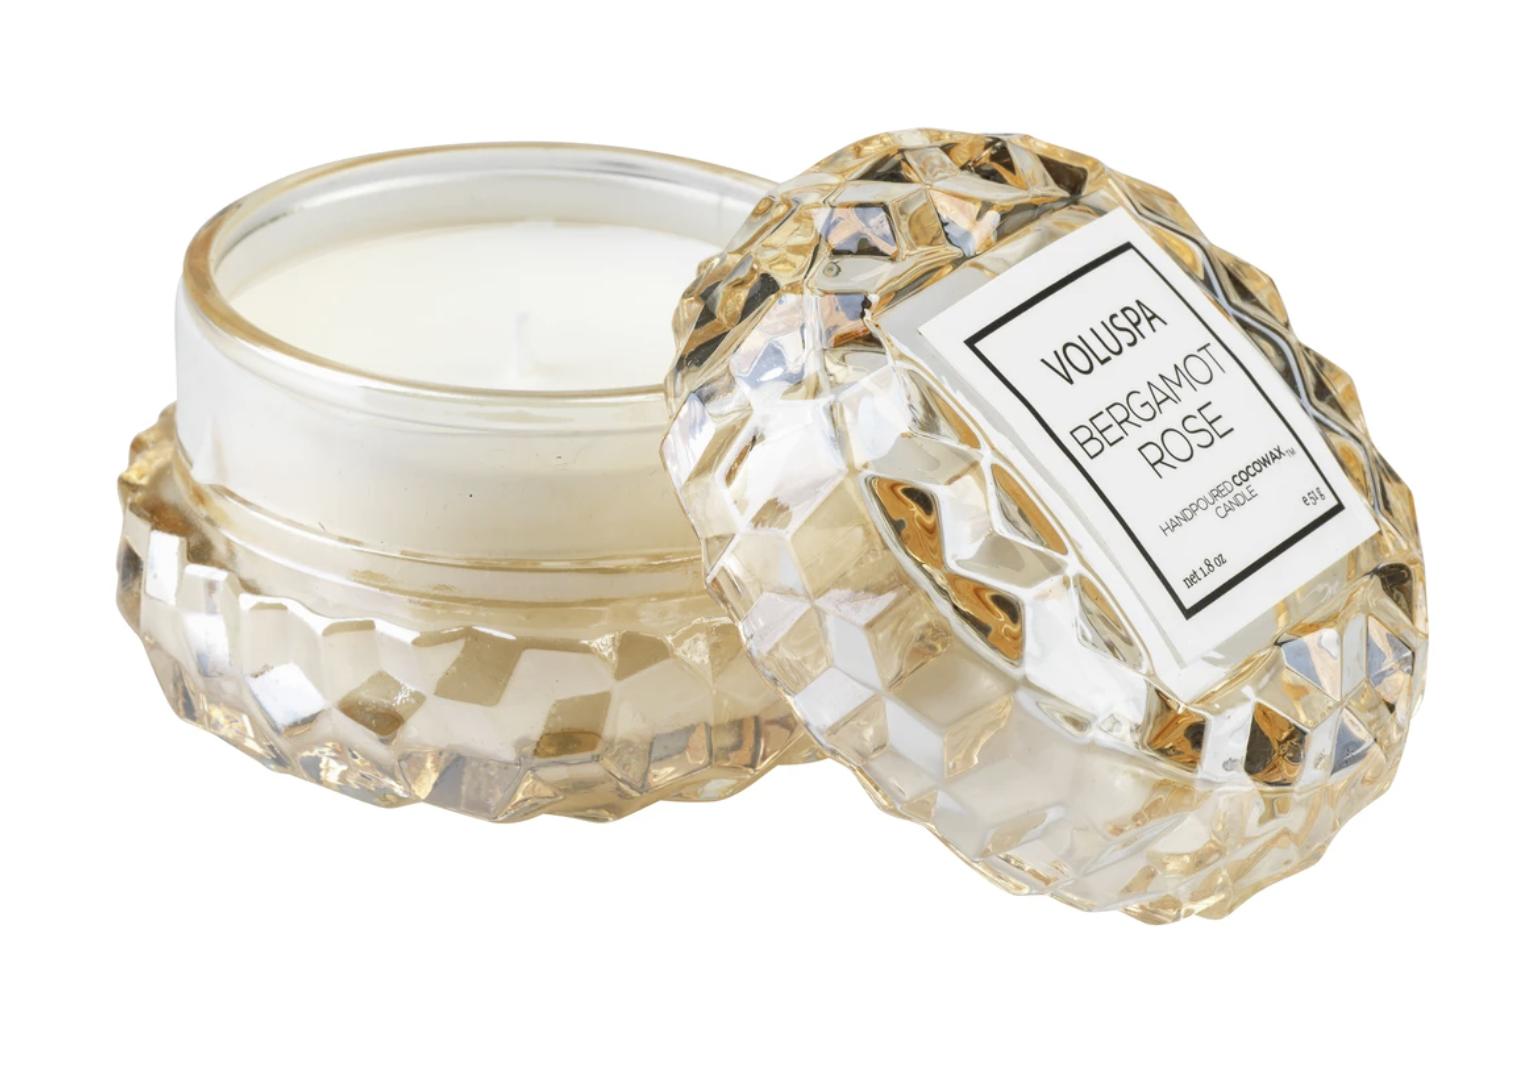 Voluspa Bergamot Rose, Macaron Candle